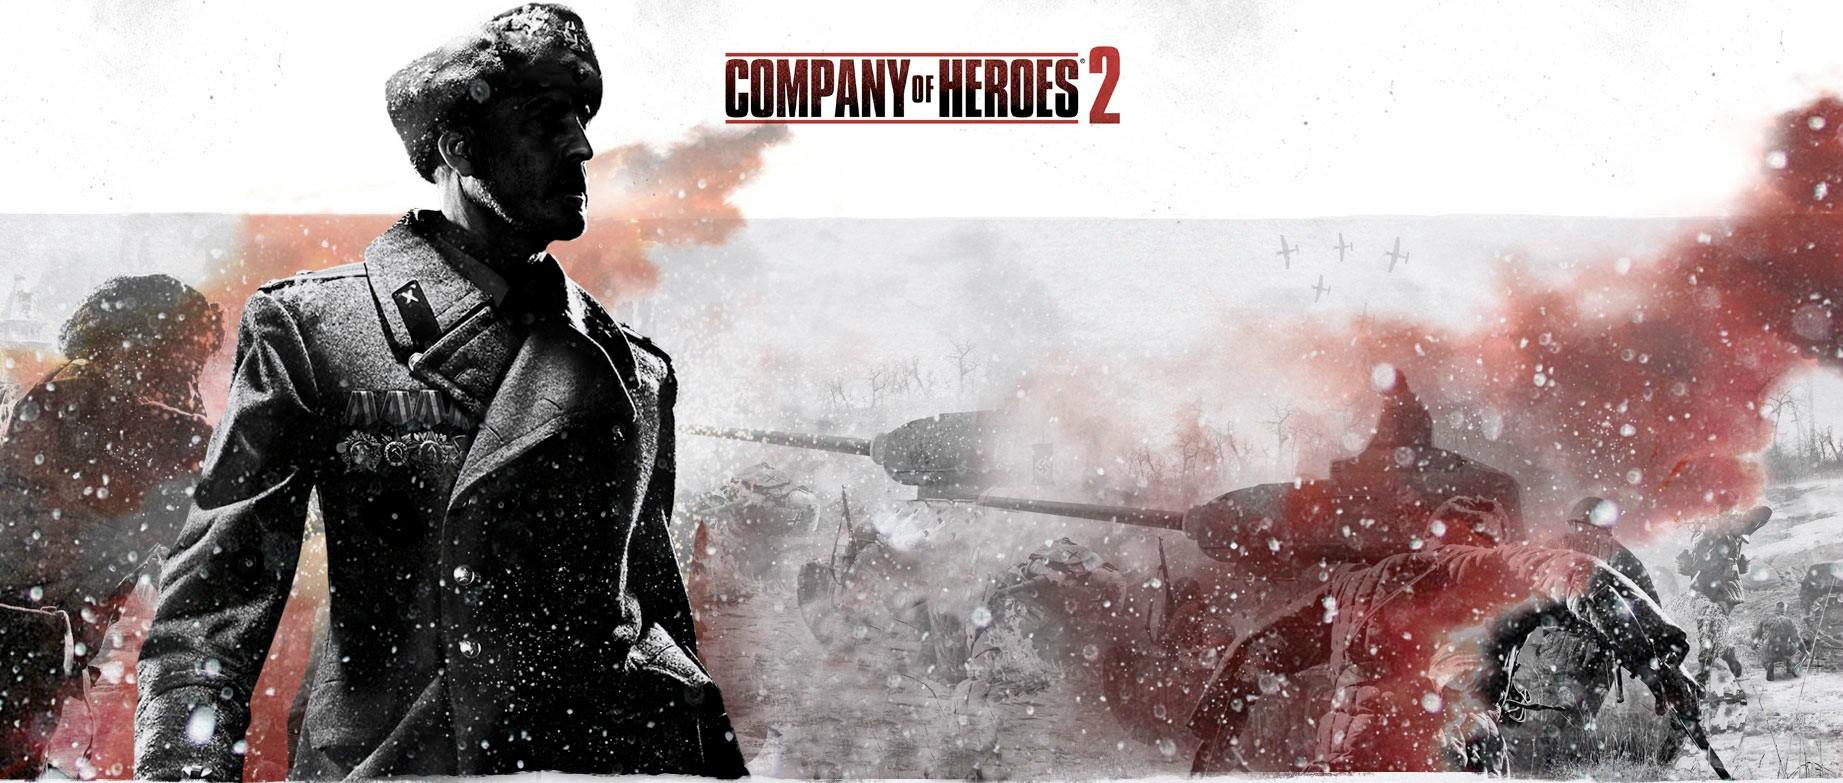 Company of Heroes 2 vyjde na začátku roku 2013 64901